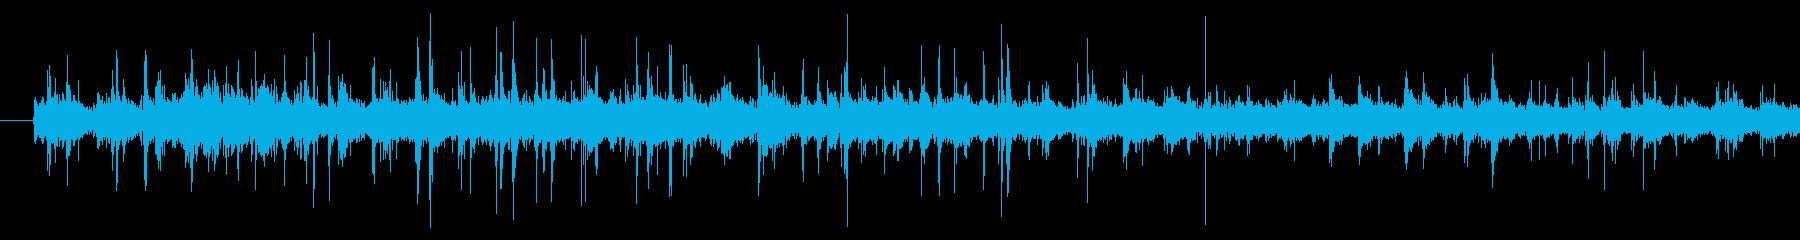 馬車の蹄の音の再生済みの波形